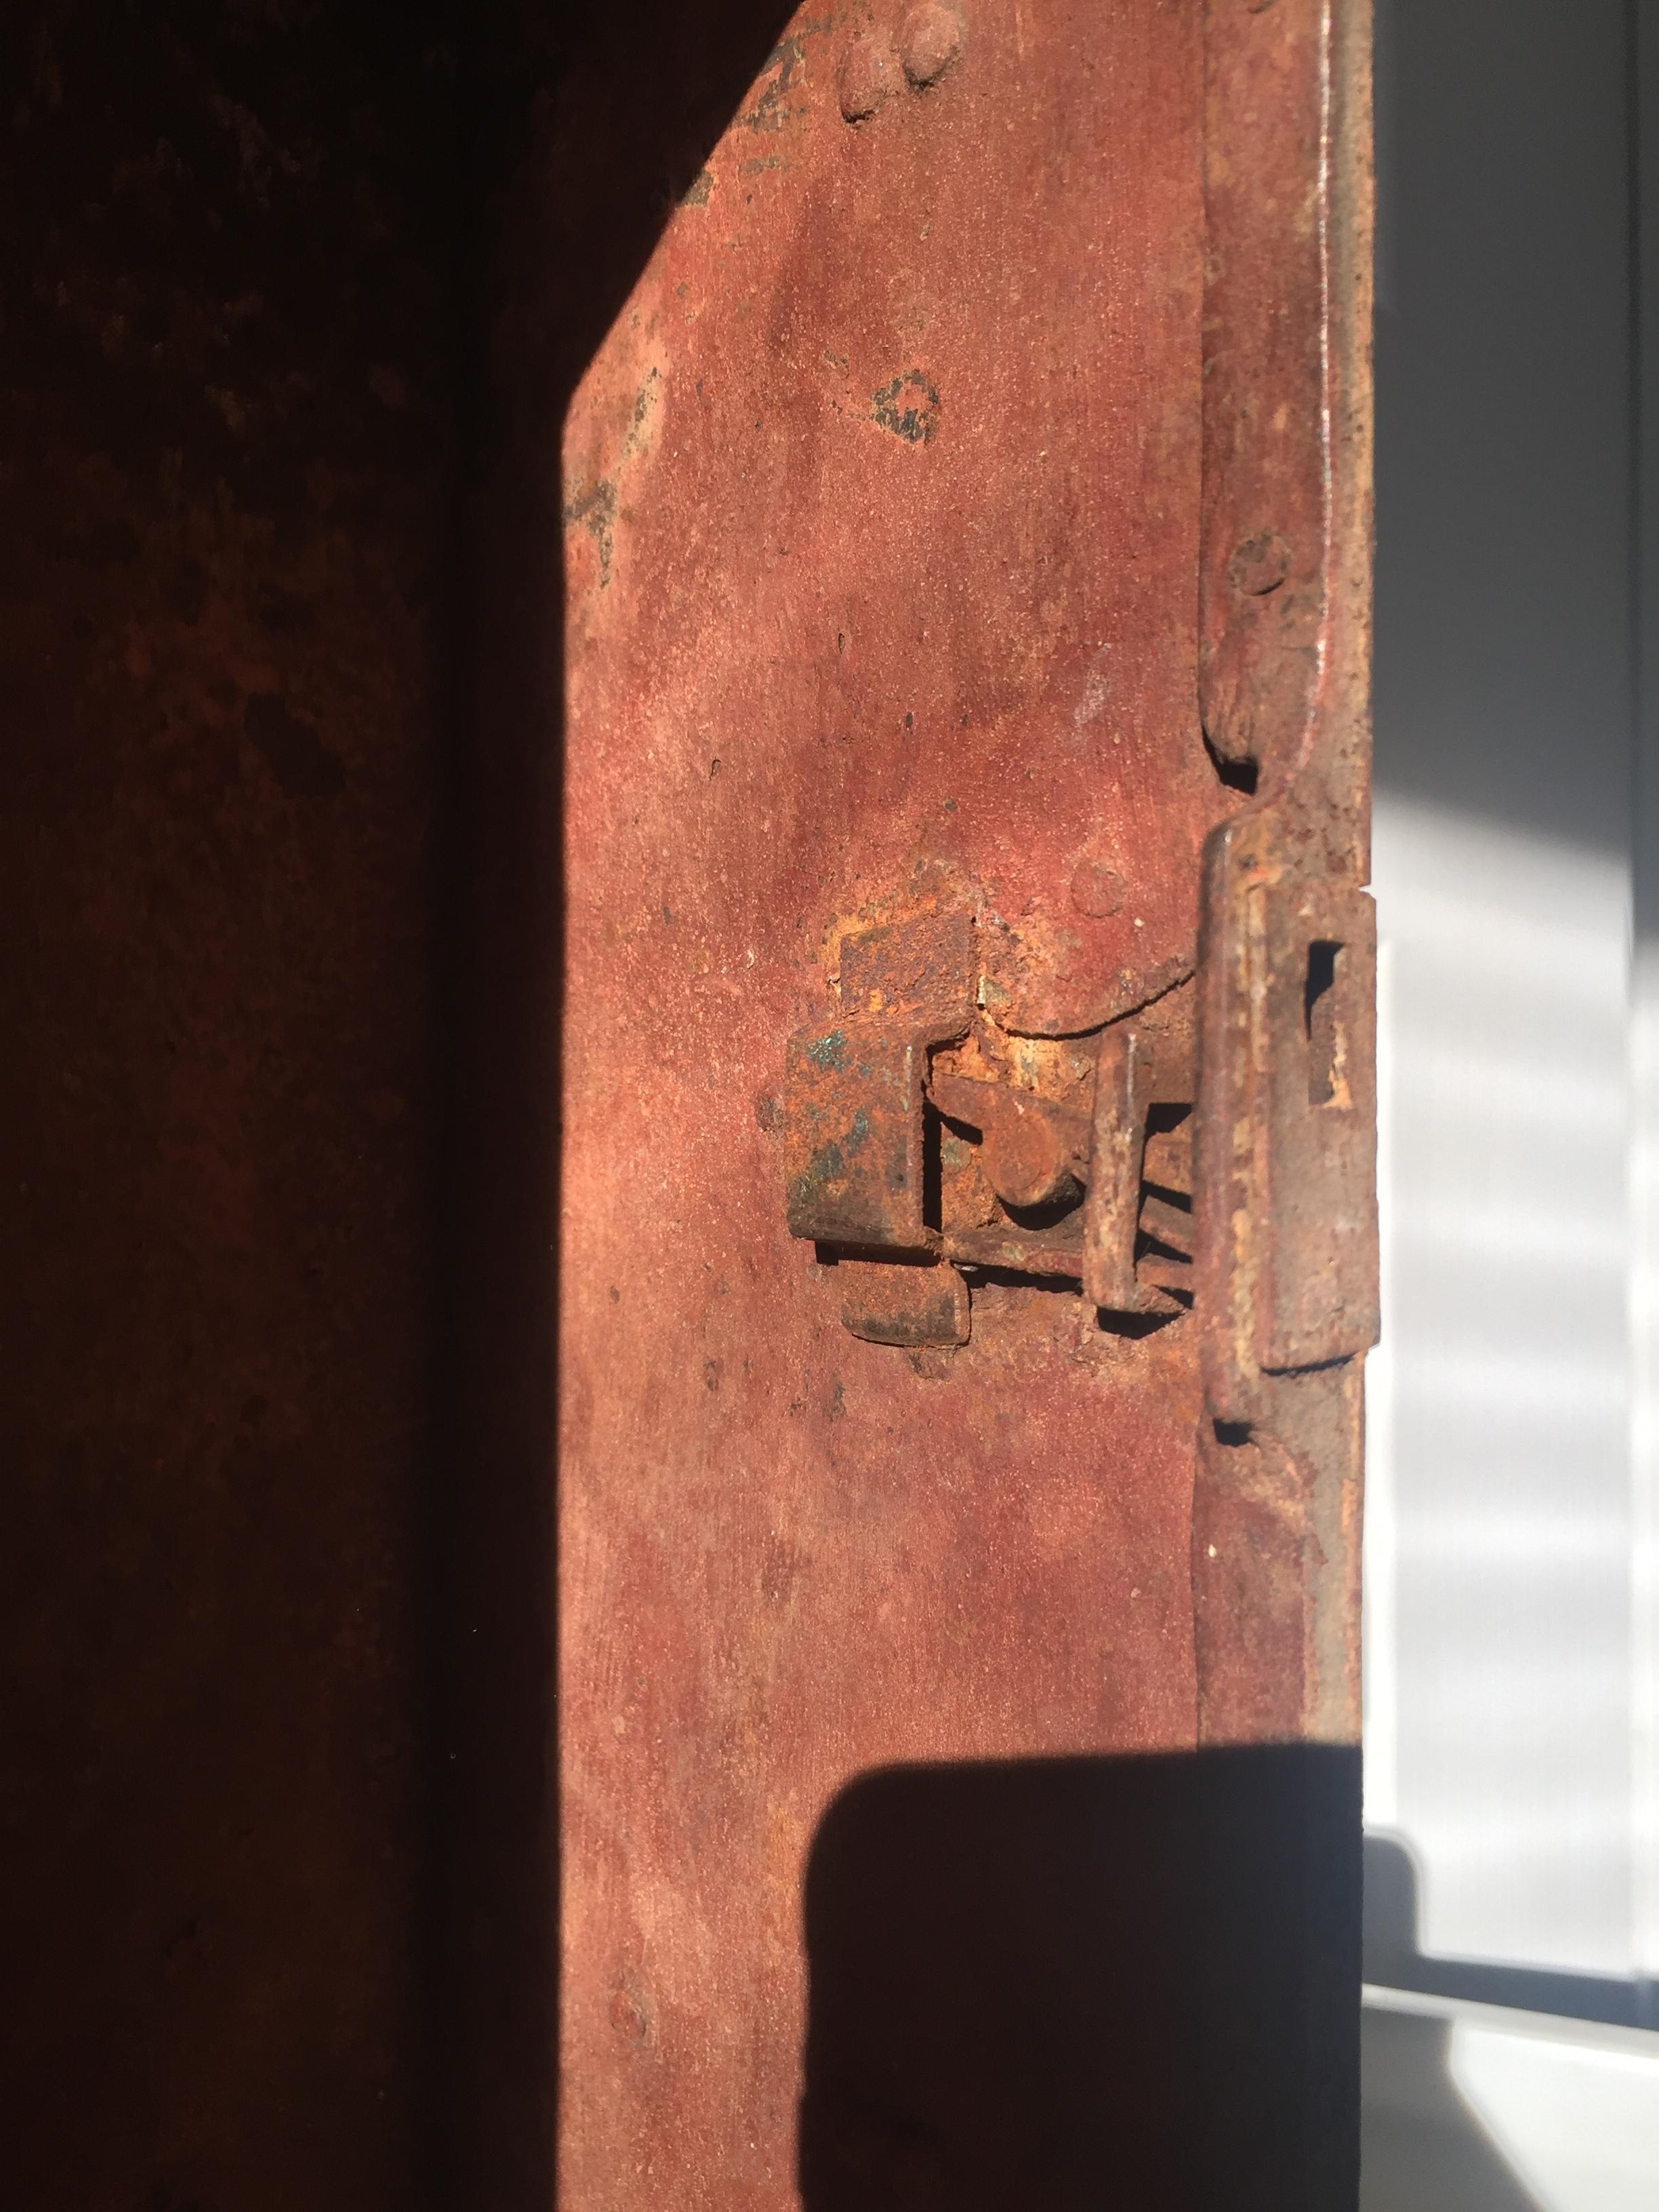 16_12_19_mcnr_two_lock_box_44_TrmkAntqs_0020.JPG